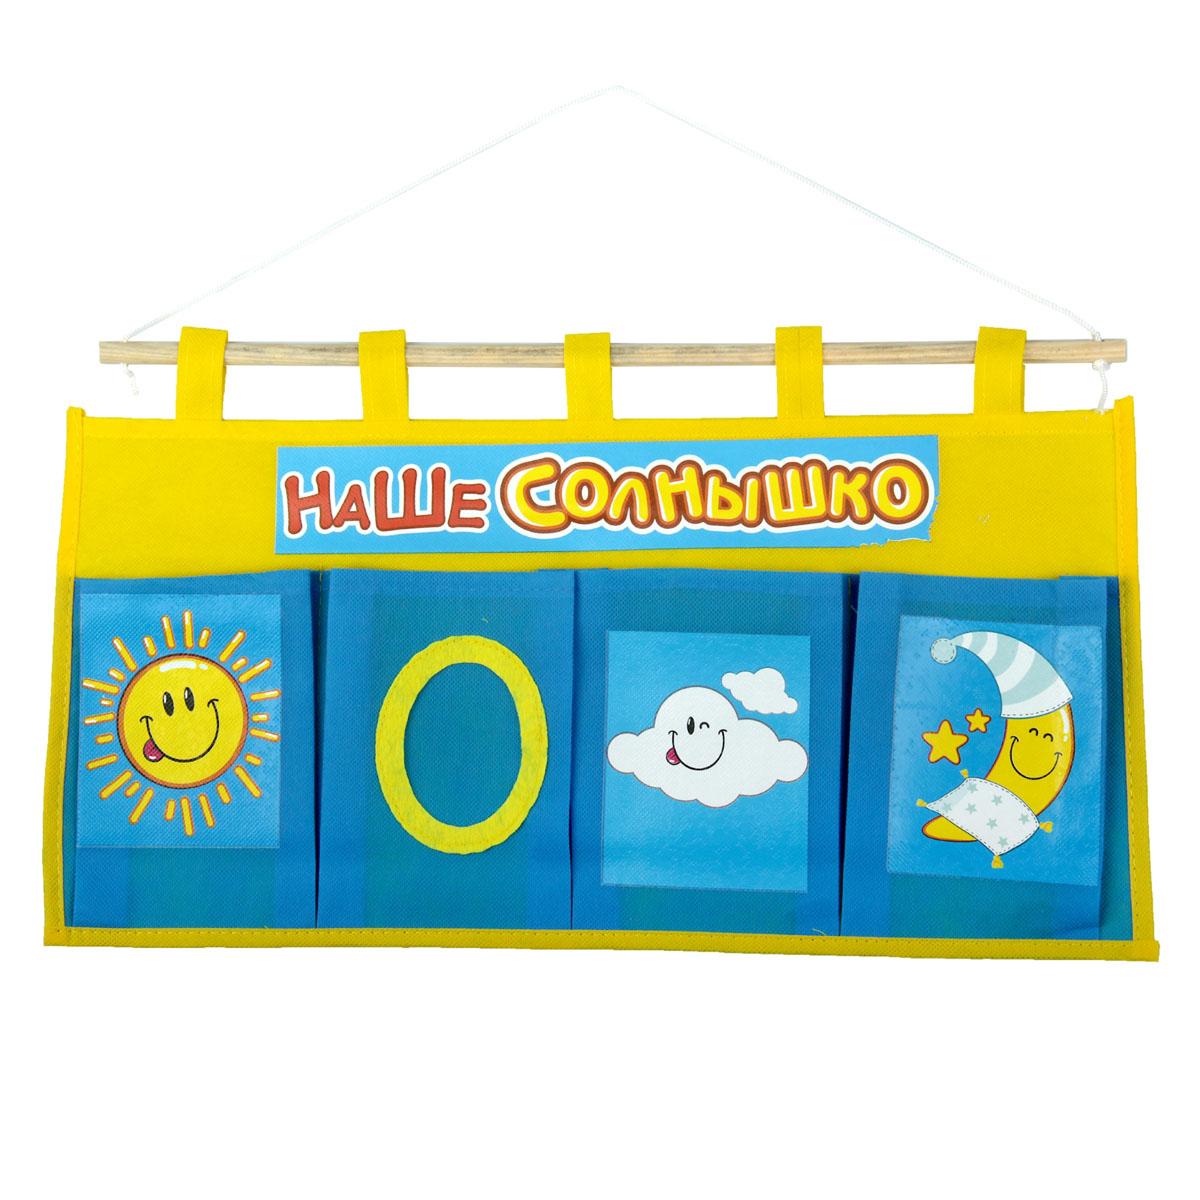 Кармашки на стену Sima-land Наше солнышко, цвет: голубой, желтый, белый, 4 шт842451Кармашки на стену Sima-land «Наше солнышко», изготовленные из текстиля, предназначены для хранения необходимых вещей, множества мелочей в гардеробной, ванной, детской комнатах. Изделие представляет собой текстильное полотно с четырьмя пришитыми кармашками. Благодаря деревянной планке и шнурку, кармашки можно подвесить на стену или дверь в необходимом для вас месте. Кармашки декорированы изображениями солнышка, облачка, месяца и надписью «Наше солнышко». Этот нужный предмет может стать одновременно и декоративным элементом комнаты. Яркий дизайн, как ничто иное, способен оживить интерьер вашего дома.